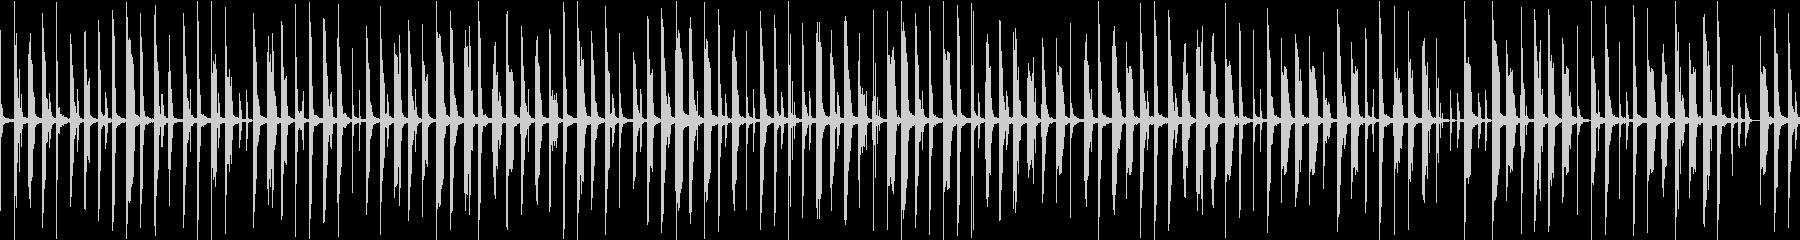 メニュー画面・汎用ループ単調シンセの未再生の波形